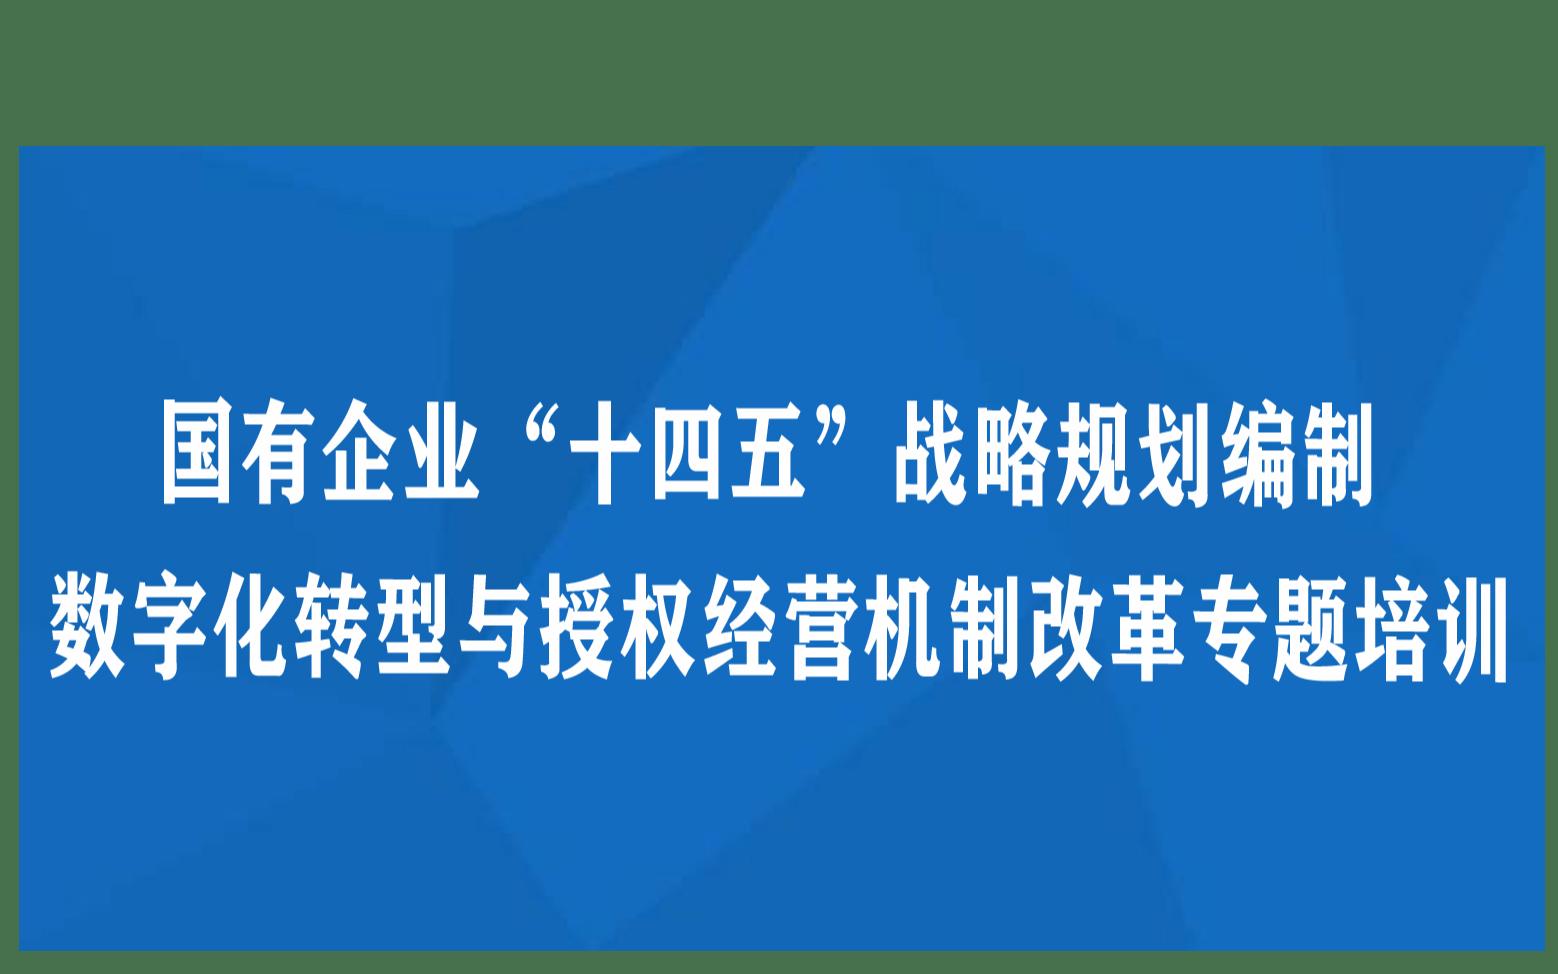 """线下课程:国有企业""""十四五""""战略规划编制数字化转型与授权经营机制改革专题培训"""